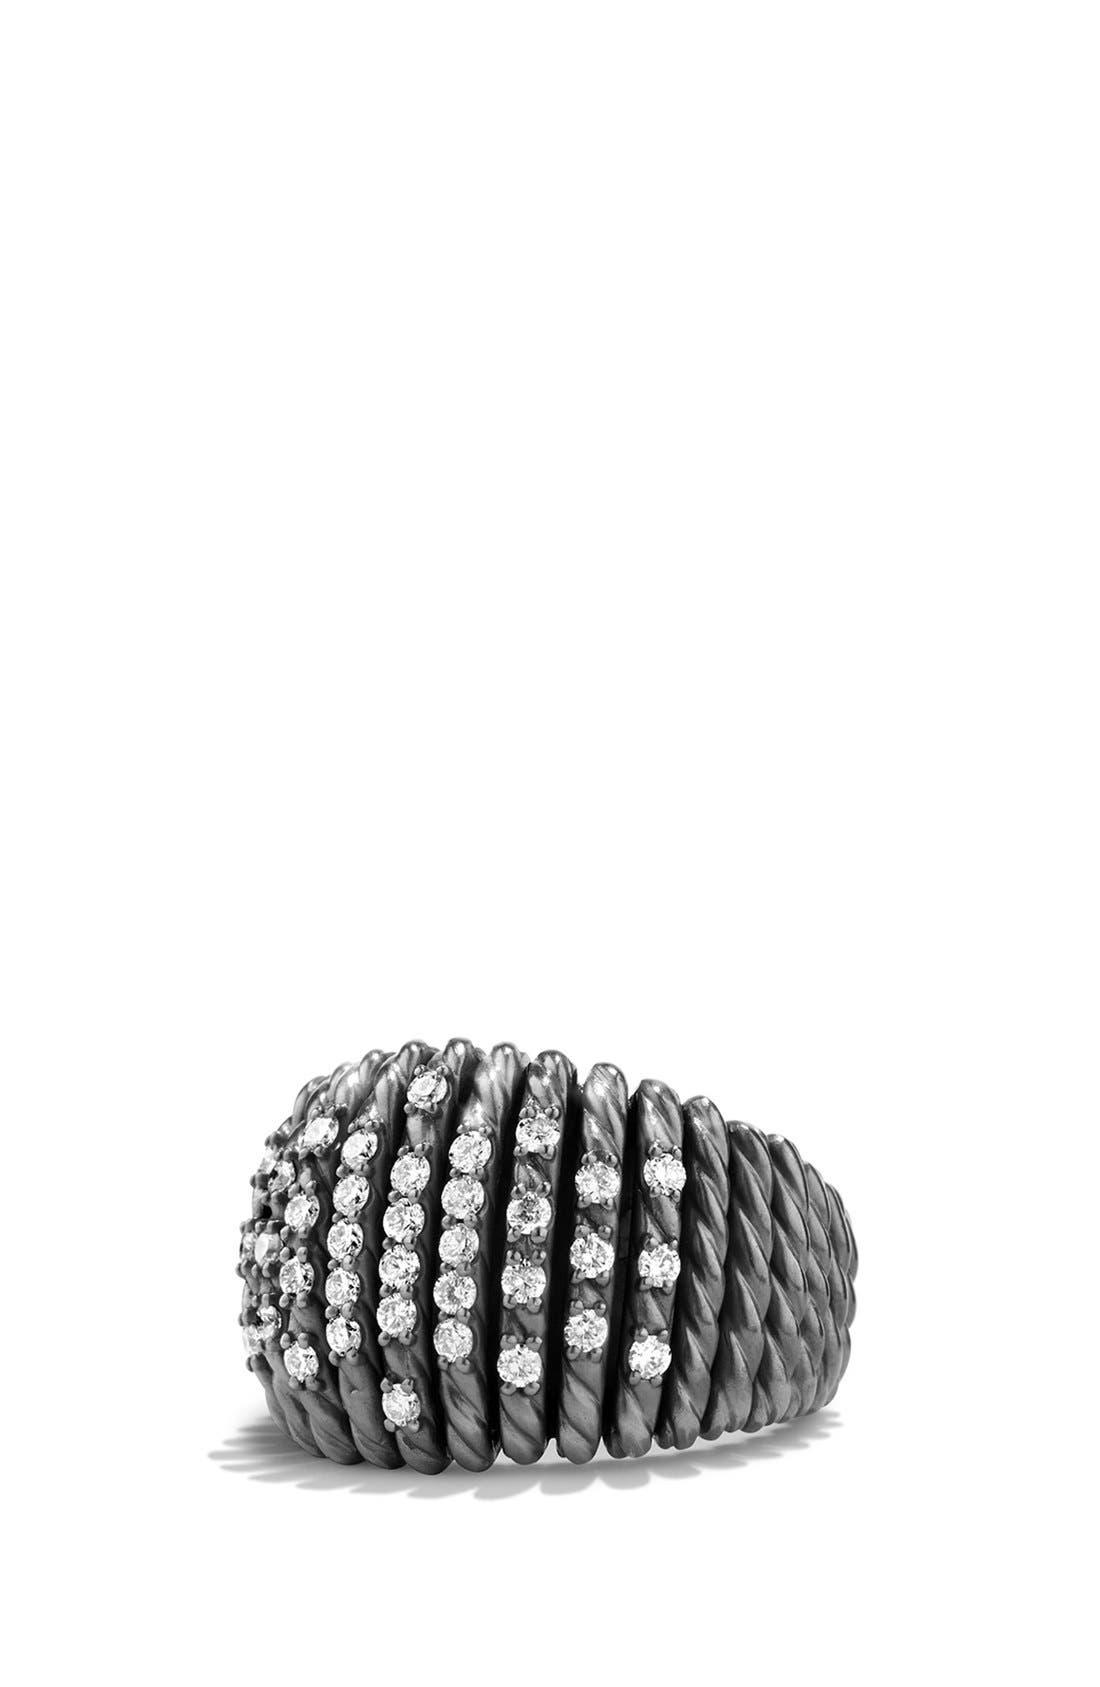 David Yurman 'Tempo' Ring with Diamonds